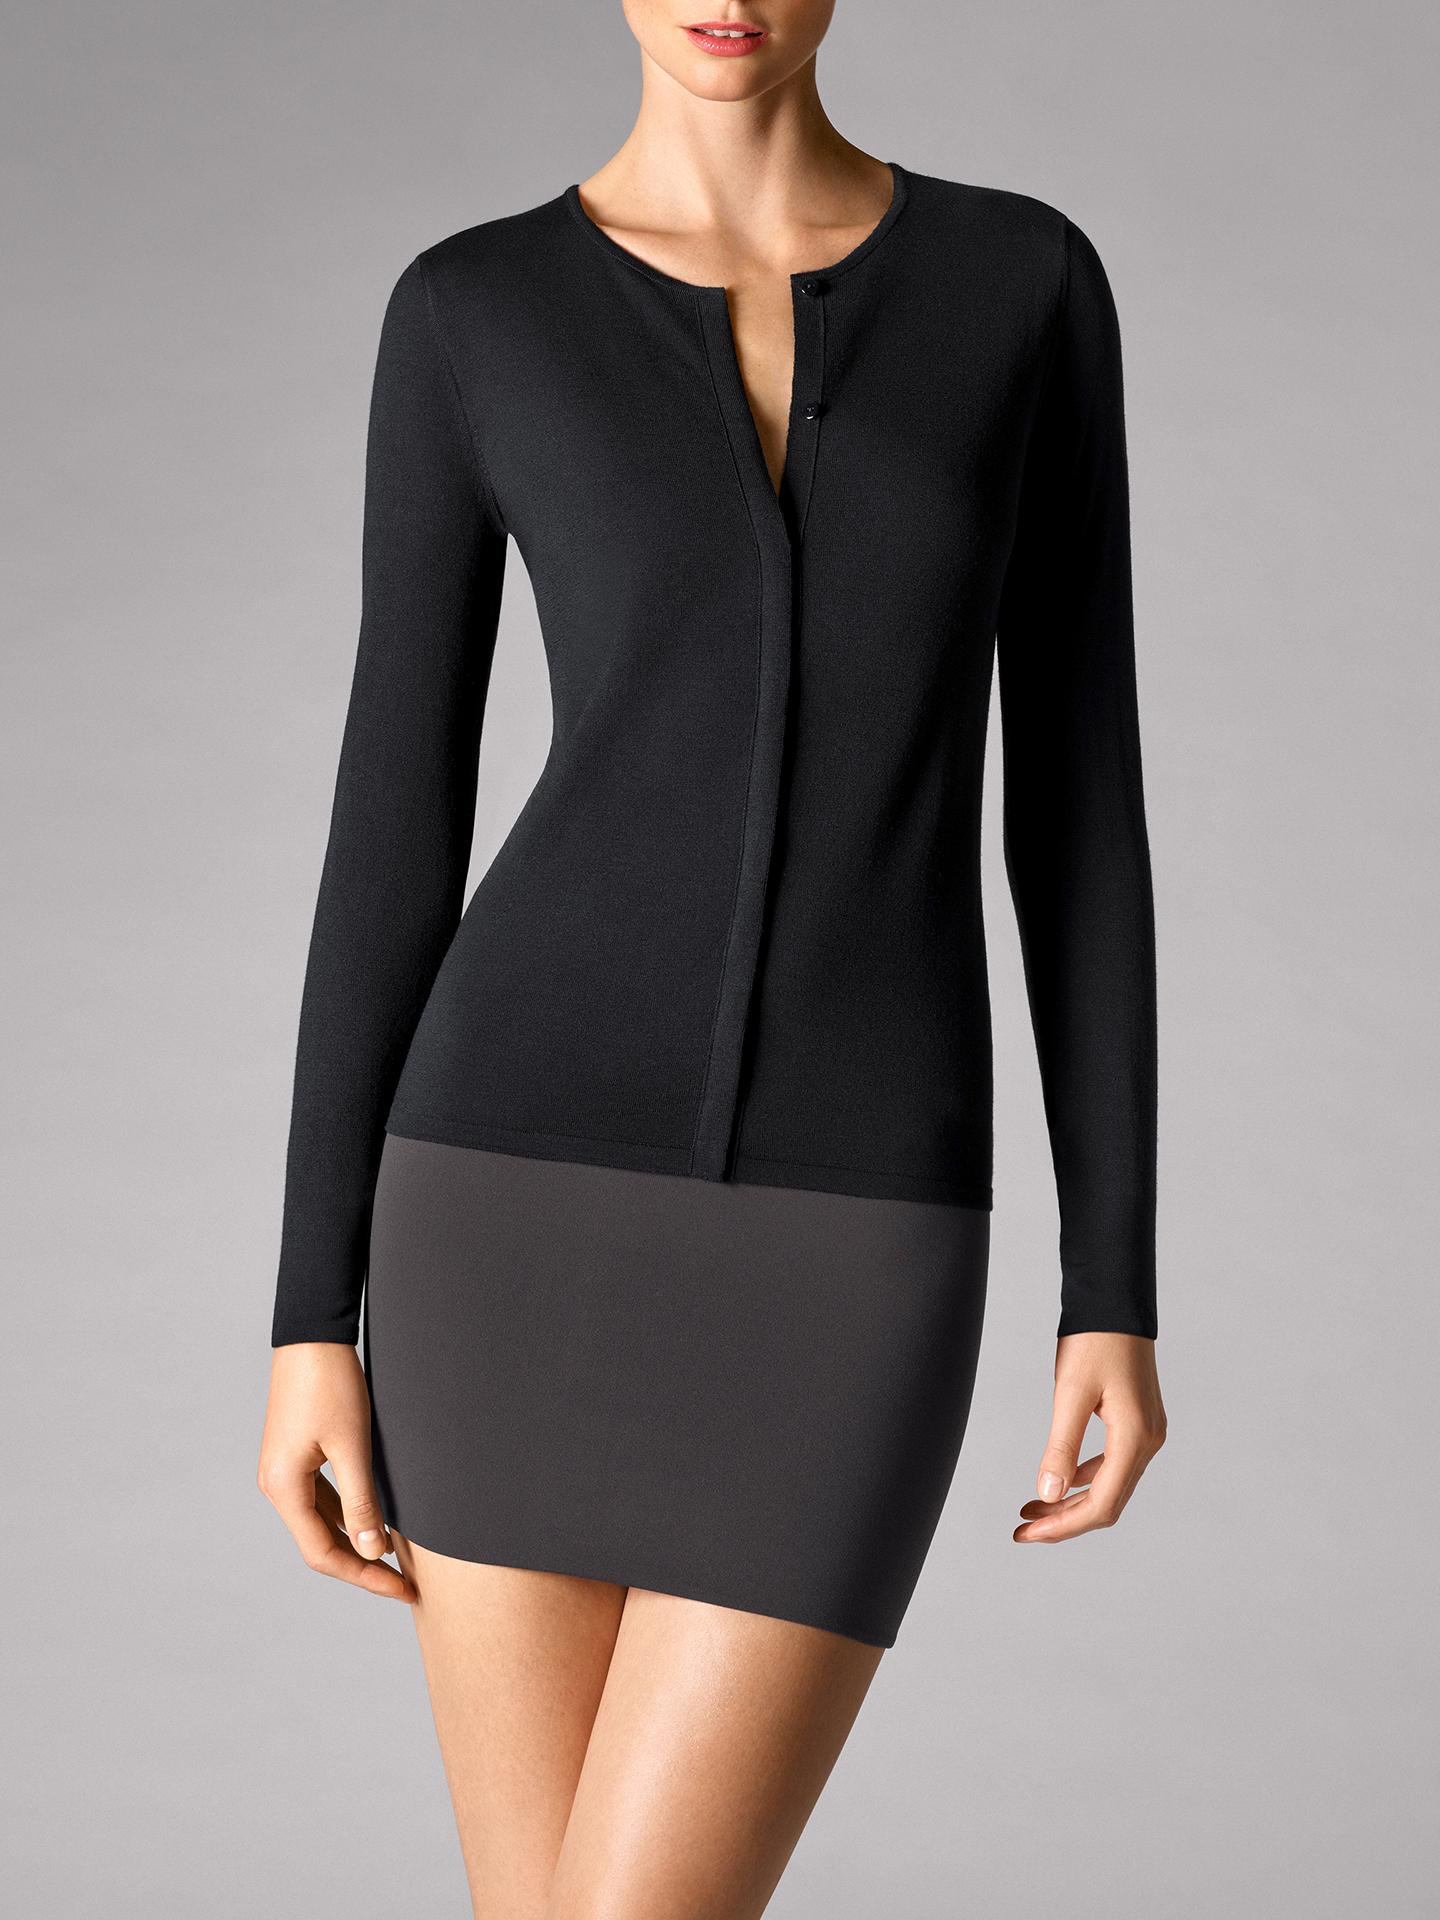 Wolford Apparel & Accessories > Clothing > Abbigliamento Donna Fine Merino Cardigan